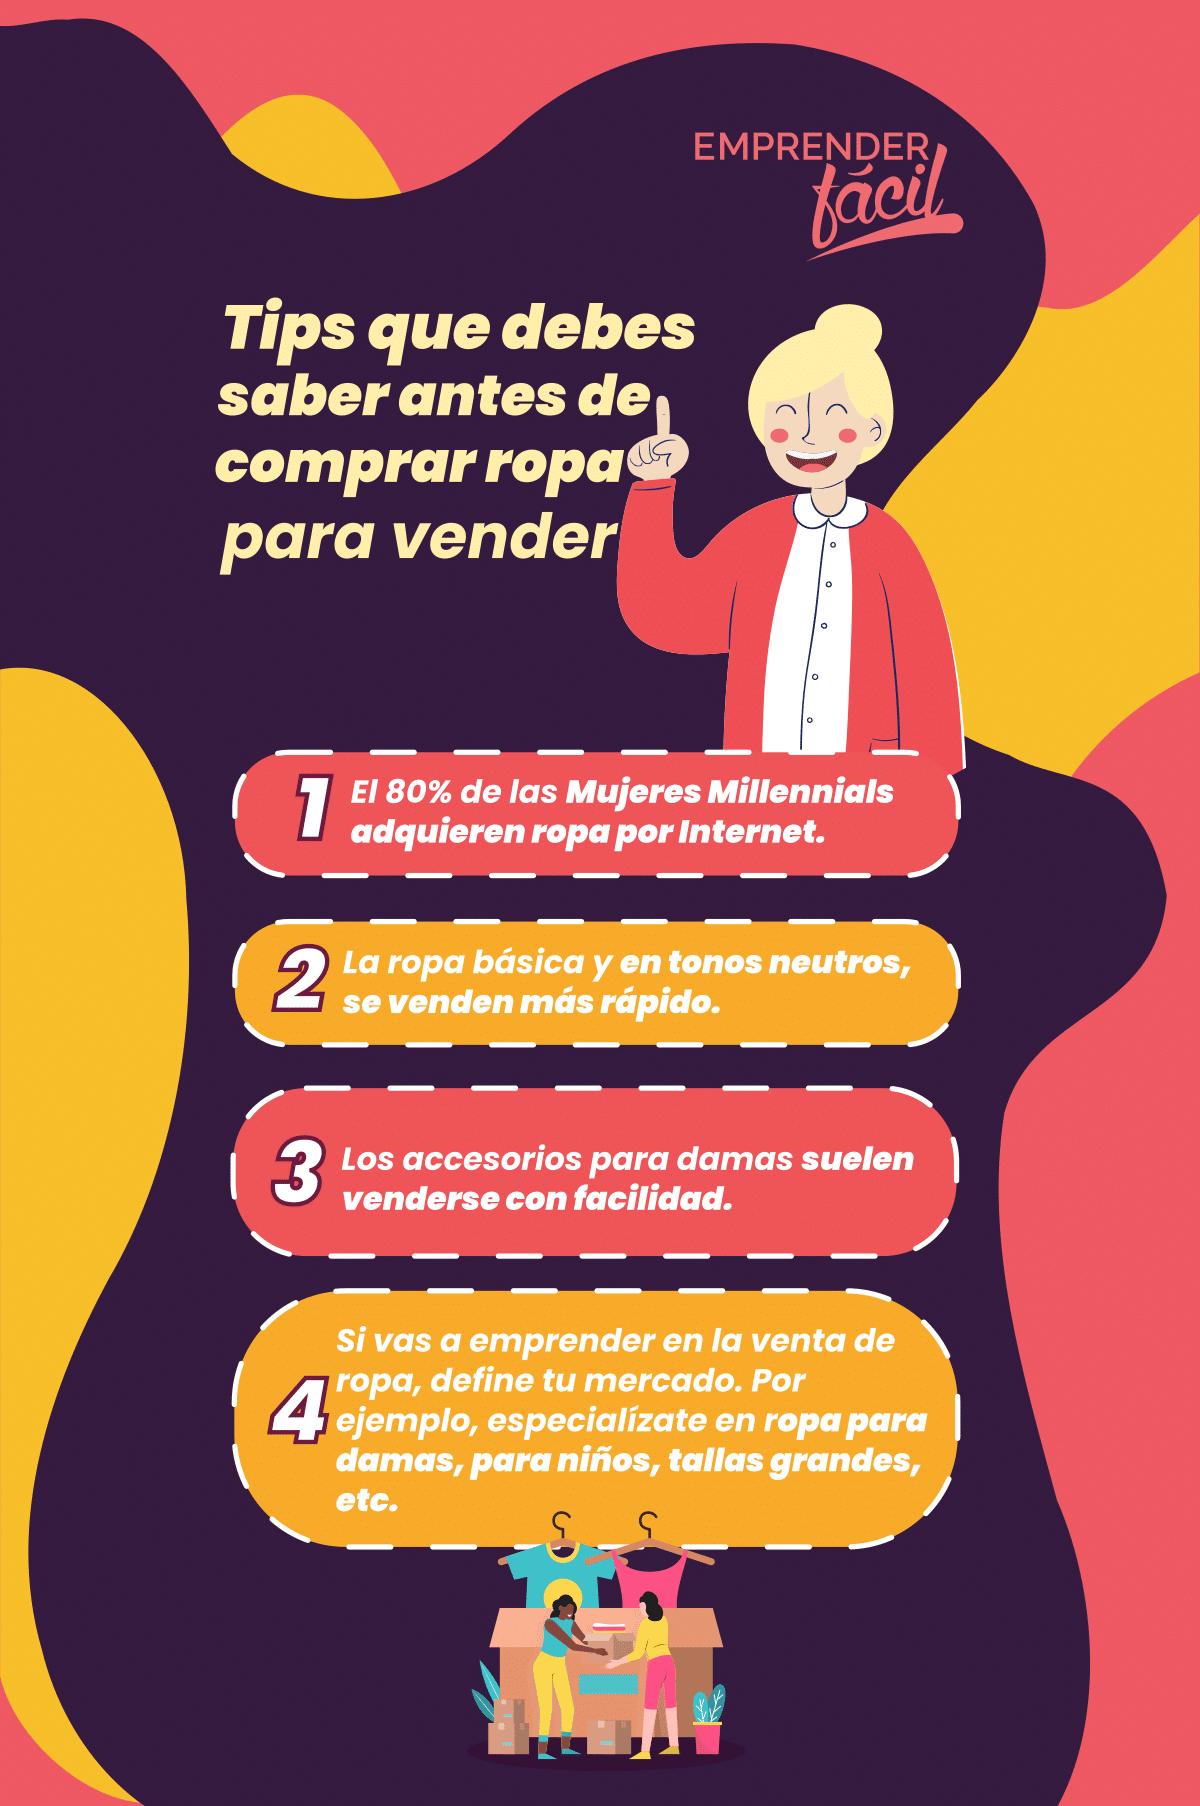 Tips que debes saber antes de comprar ropa para vender